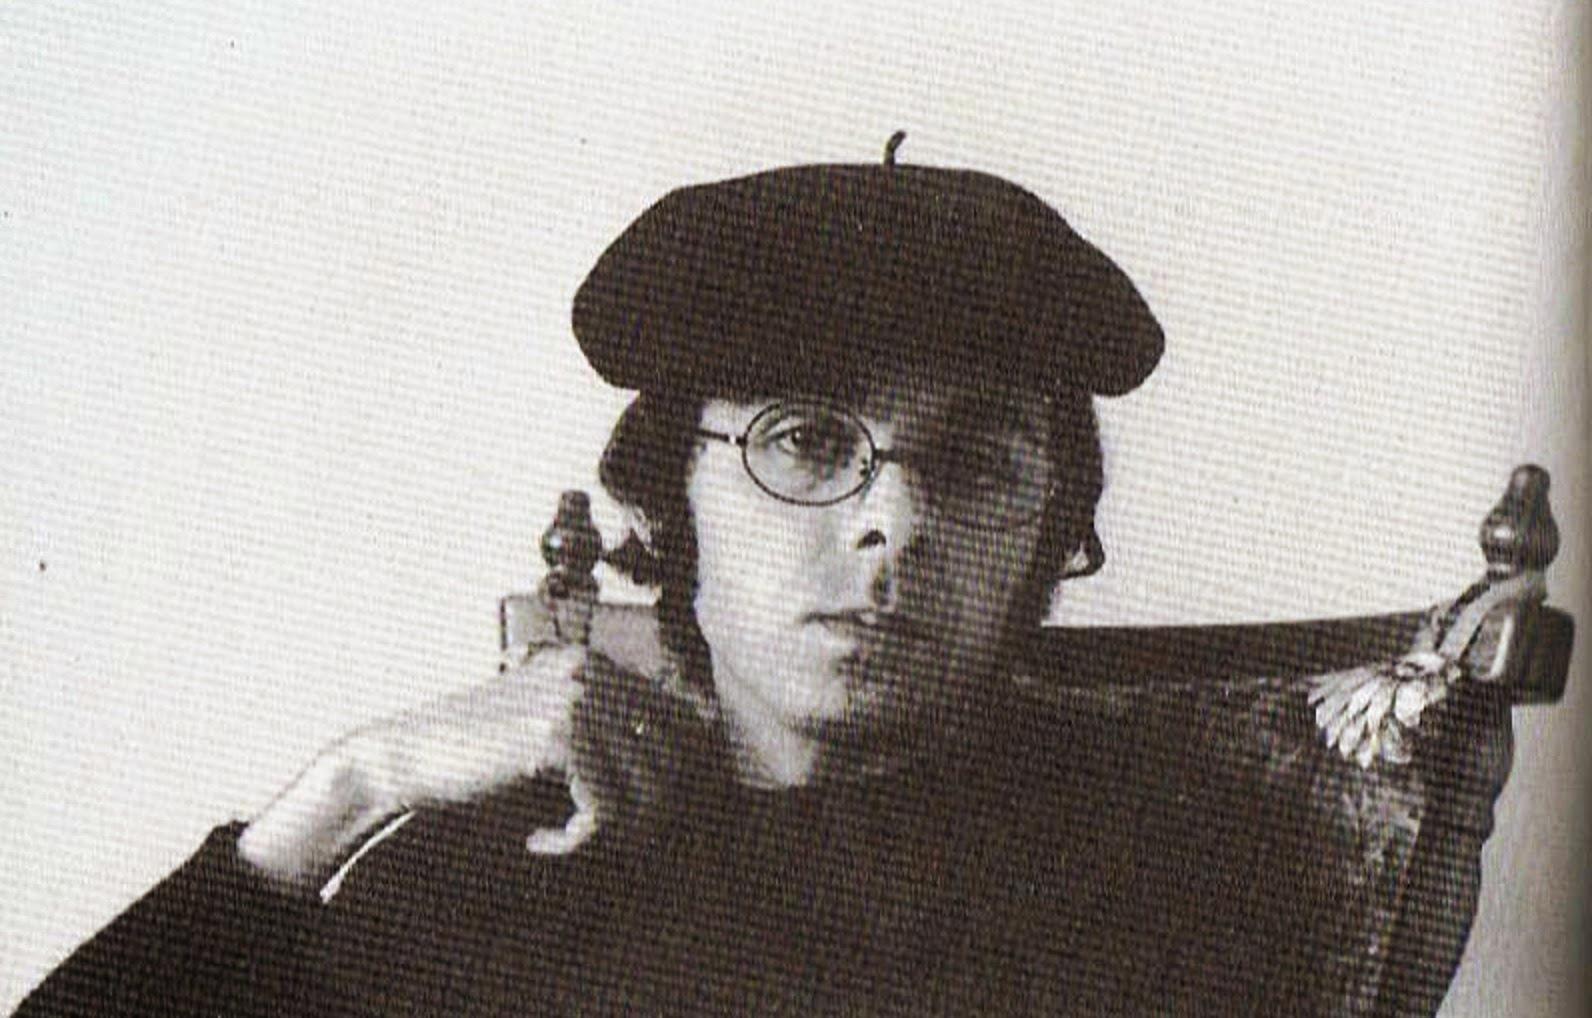 شهید ثالث در ۷ تیرماه ۱۳۲۲در تهران متولد شد و بین سالهای ۱۹۶۳ تا ۱۹۶۶ میلادی در شهر وین تحصیلات عالیهی خود را در رشتهی فیلم به پایان برد. وی فارغ التحصیل کنسرواتوار مستقل سینما در پاریس بود. فعالیت در سینما را از سال ۱۳۴۵ با ساخت فیلم کوتاه «آیا» آغاز کرد.